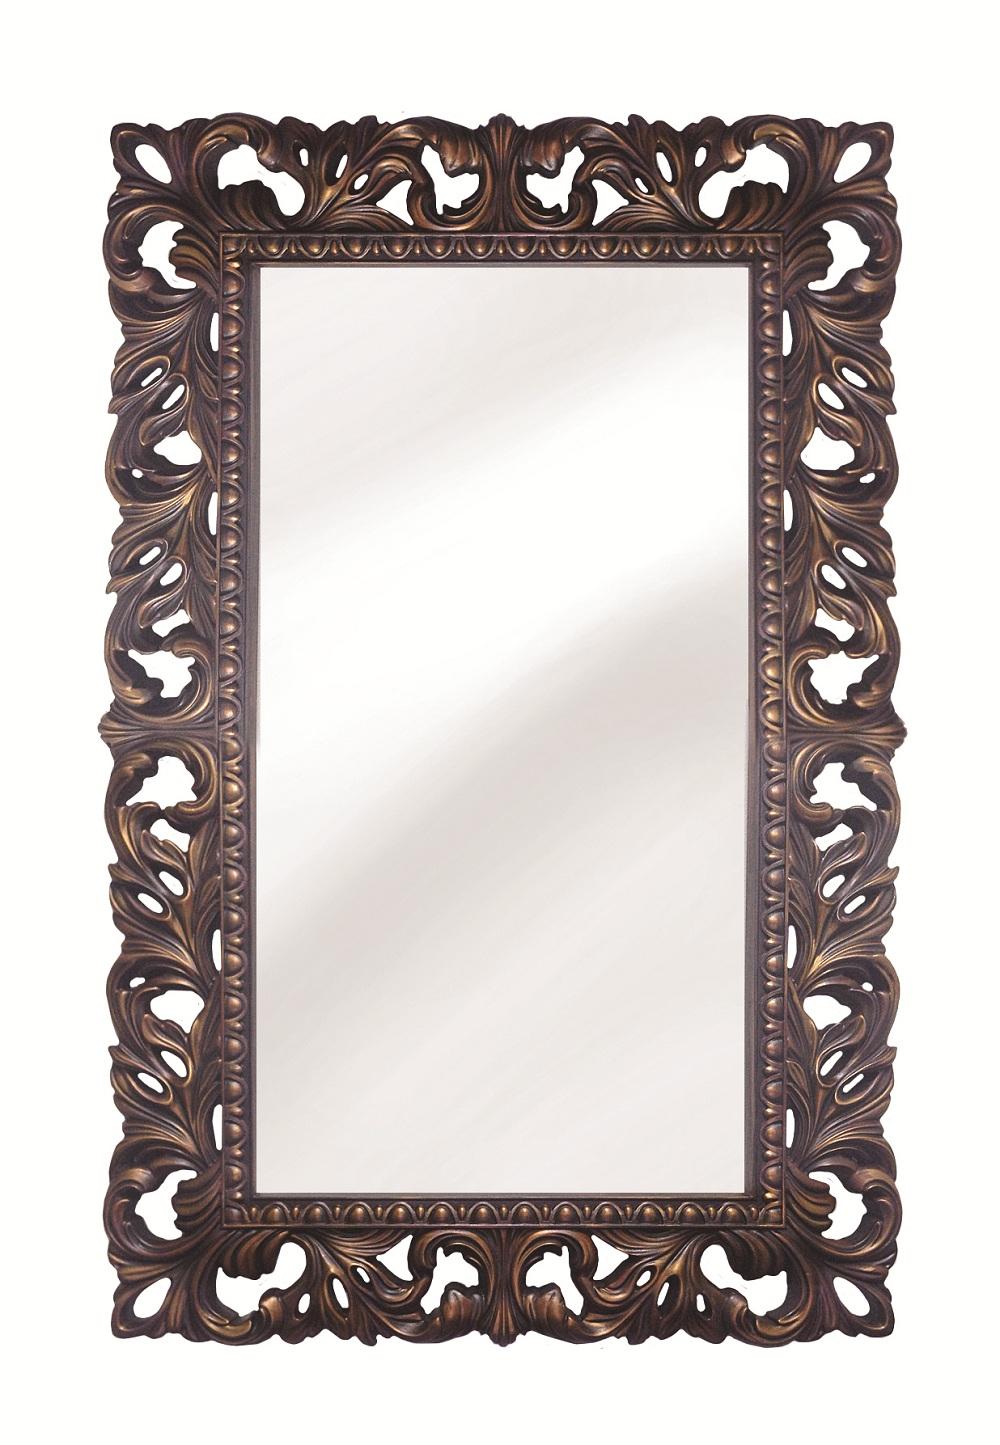 Настенное зеркало италия в декоративной раме с изысканным узором